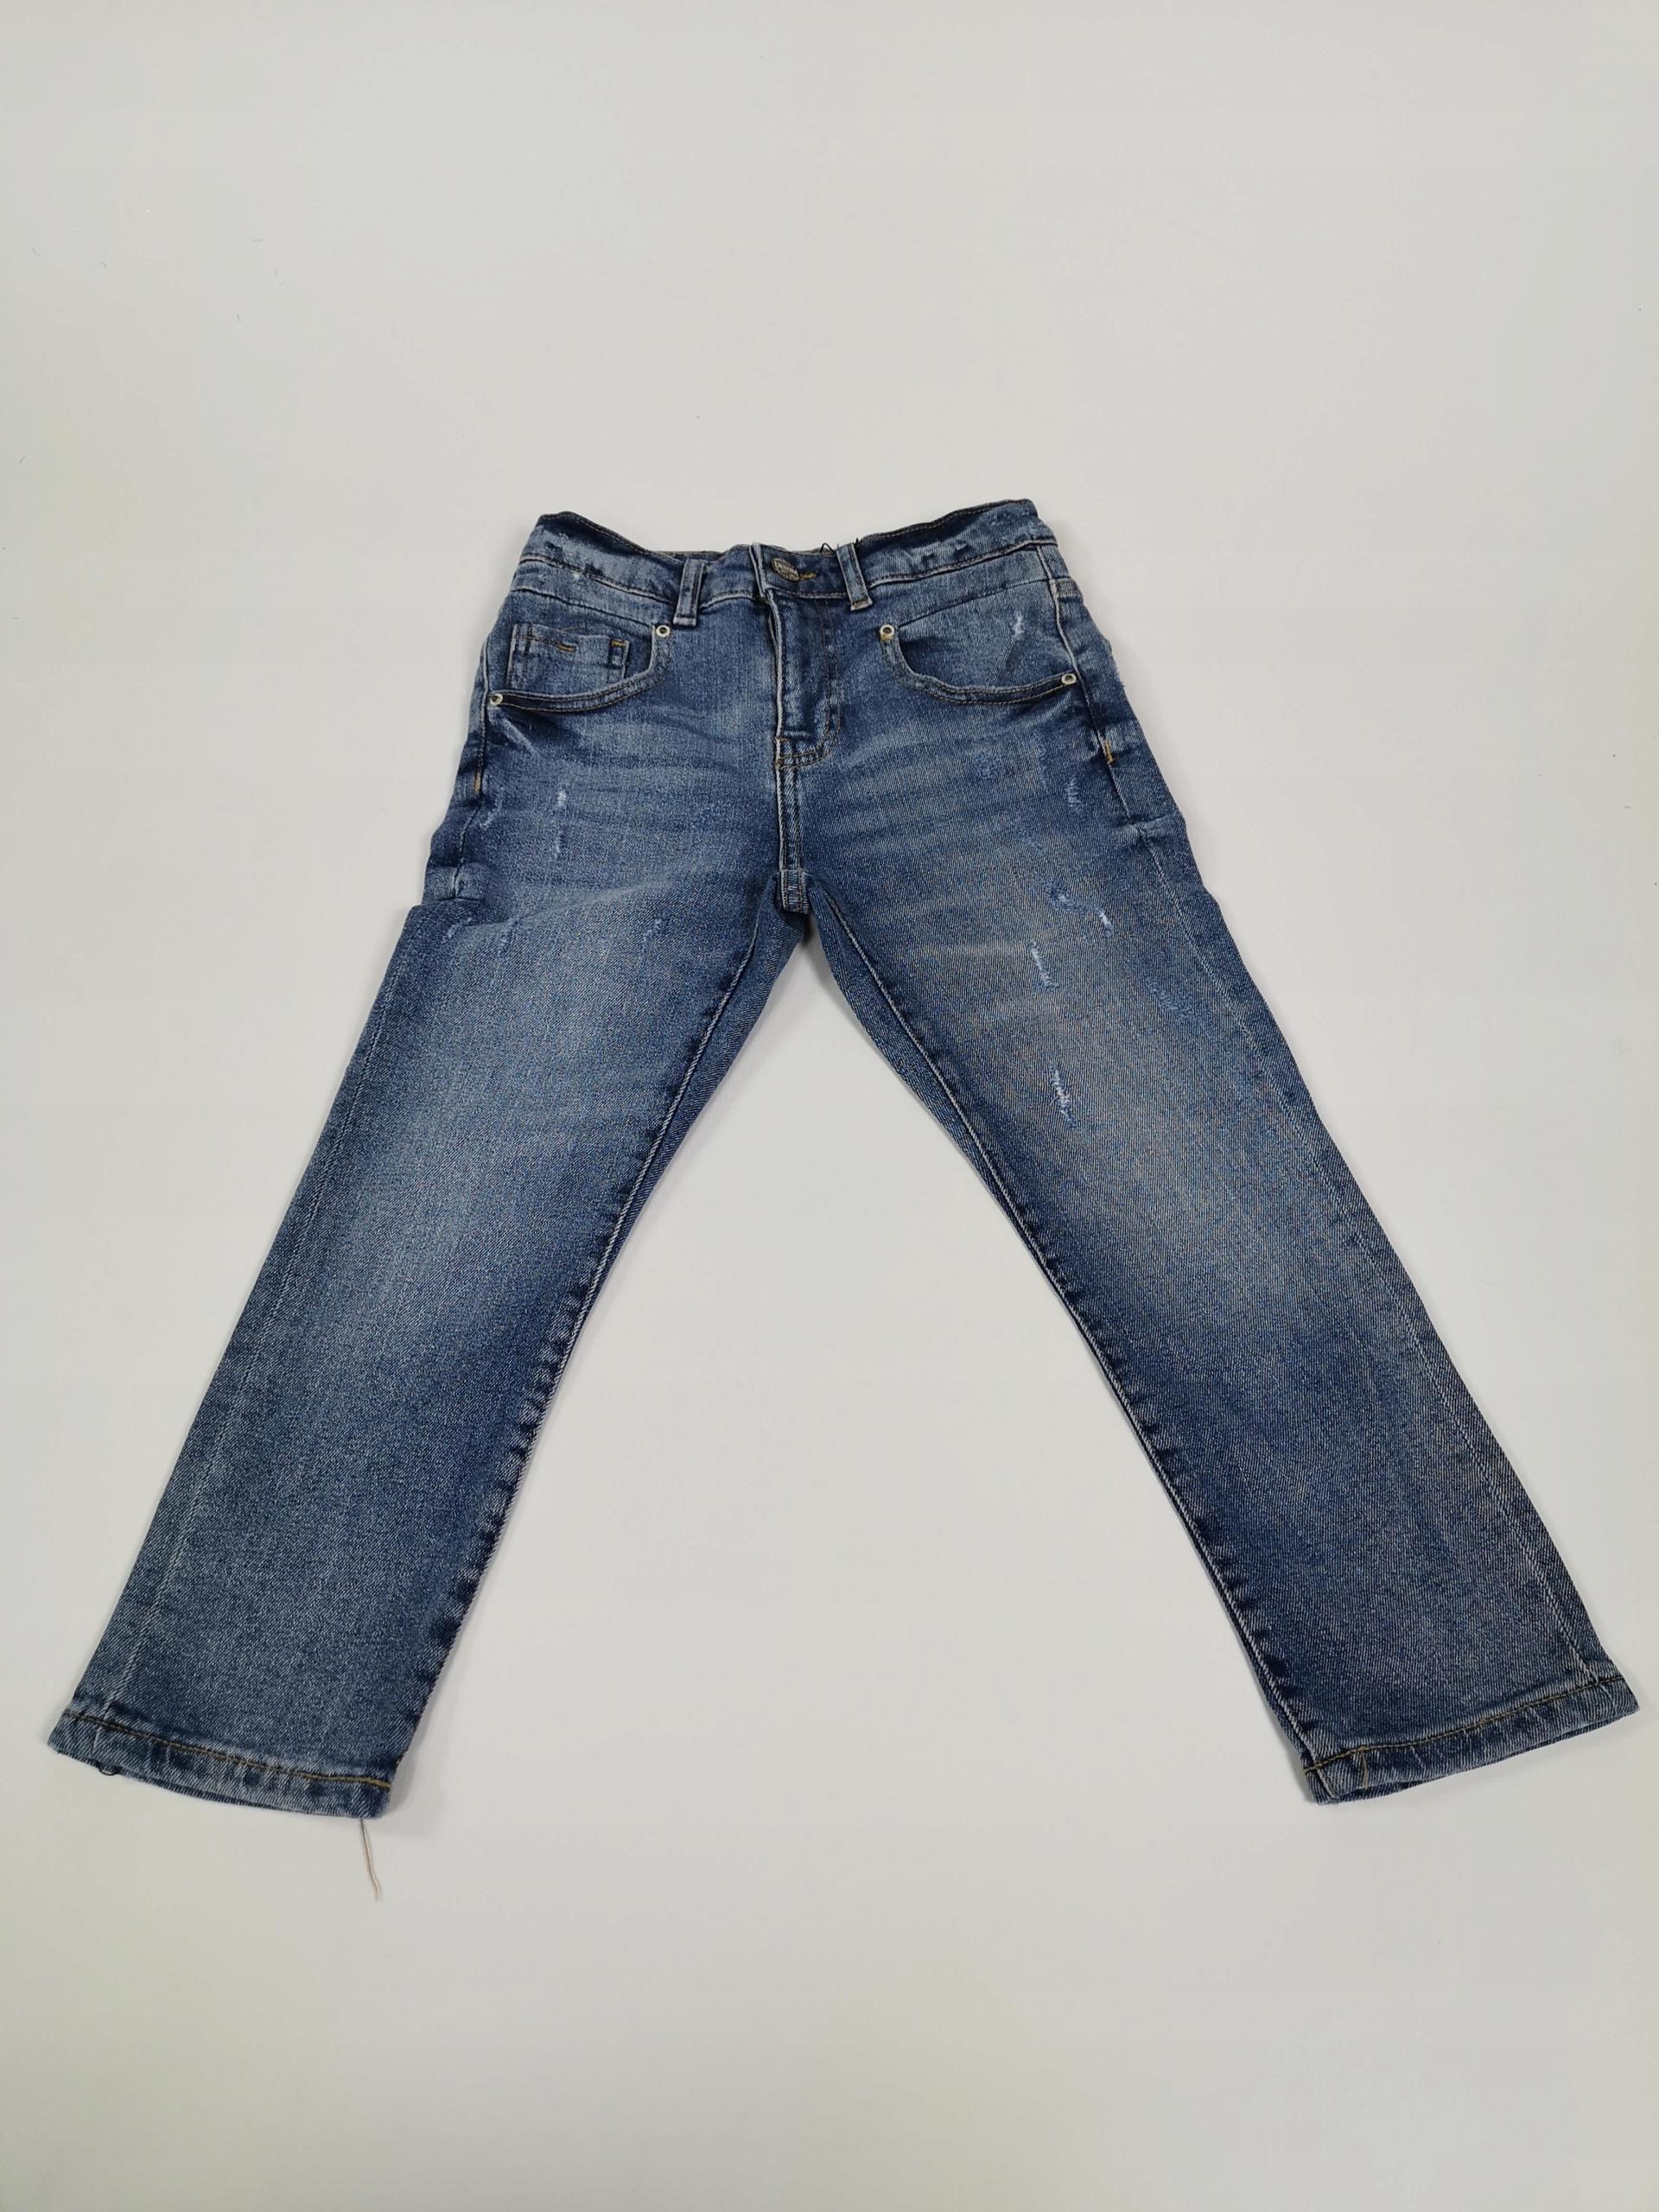 G180 Nohavice-Jeans denim ZARA Deti 128, 8 rokov